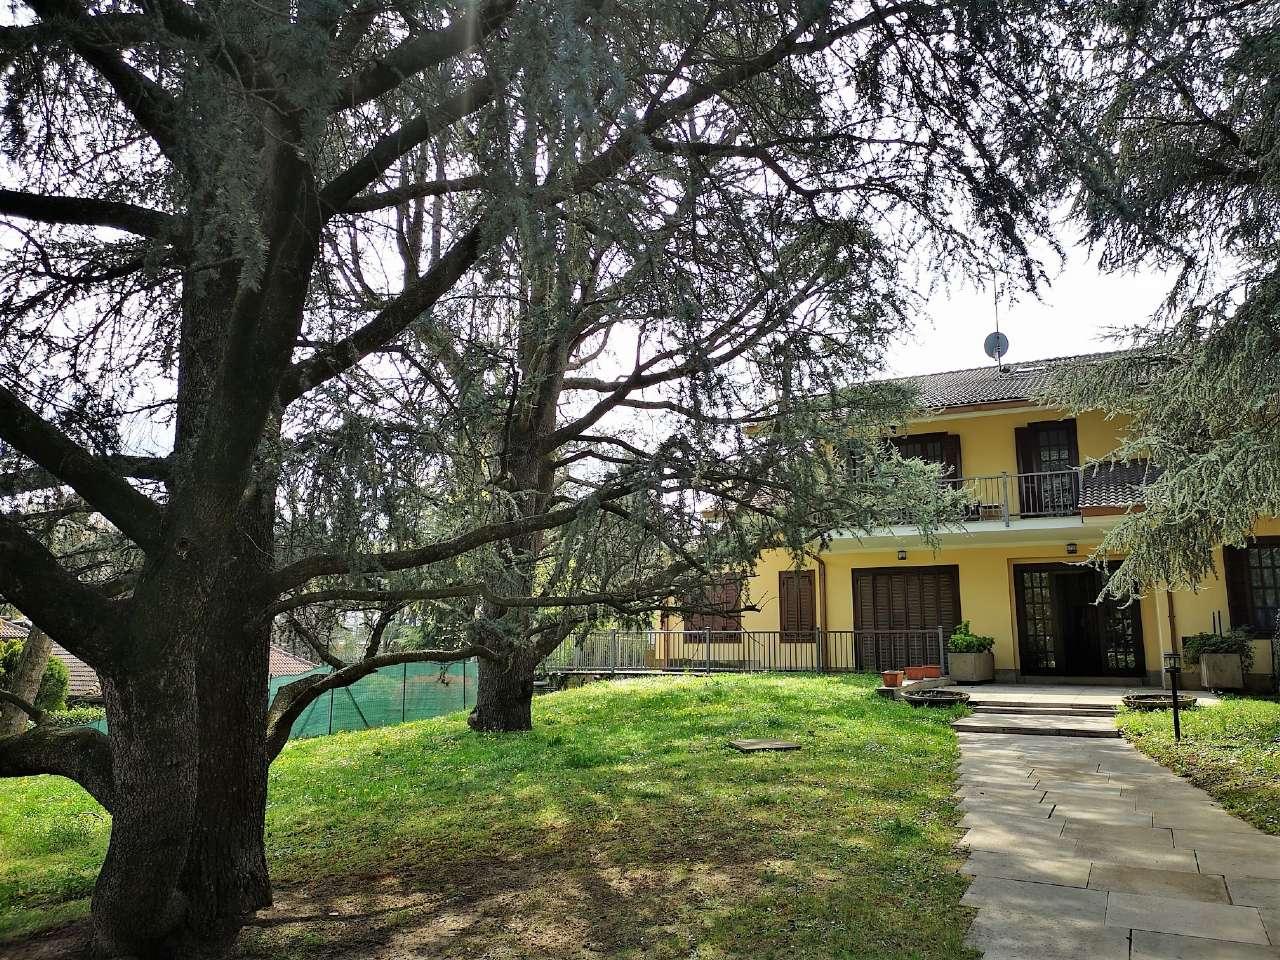 Appartamento in vendita a Villarbasse, 6 locali, prezzo € 318.000 | CambioCasa.it